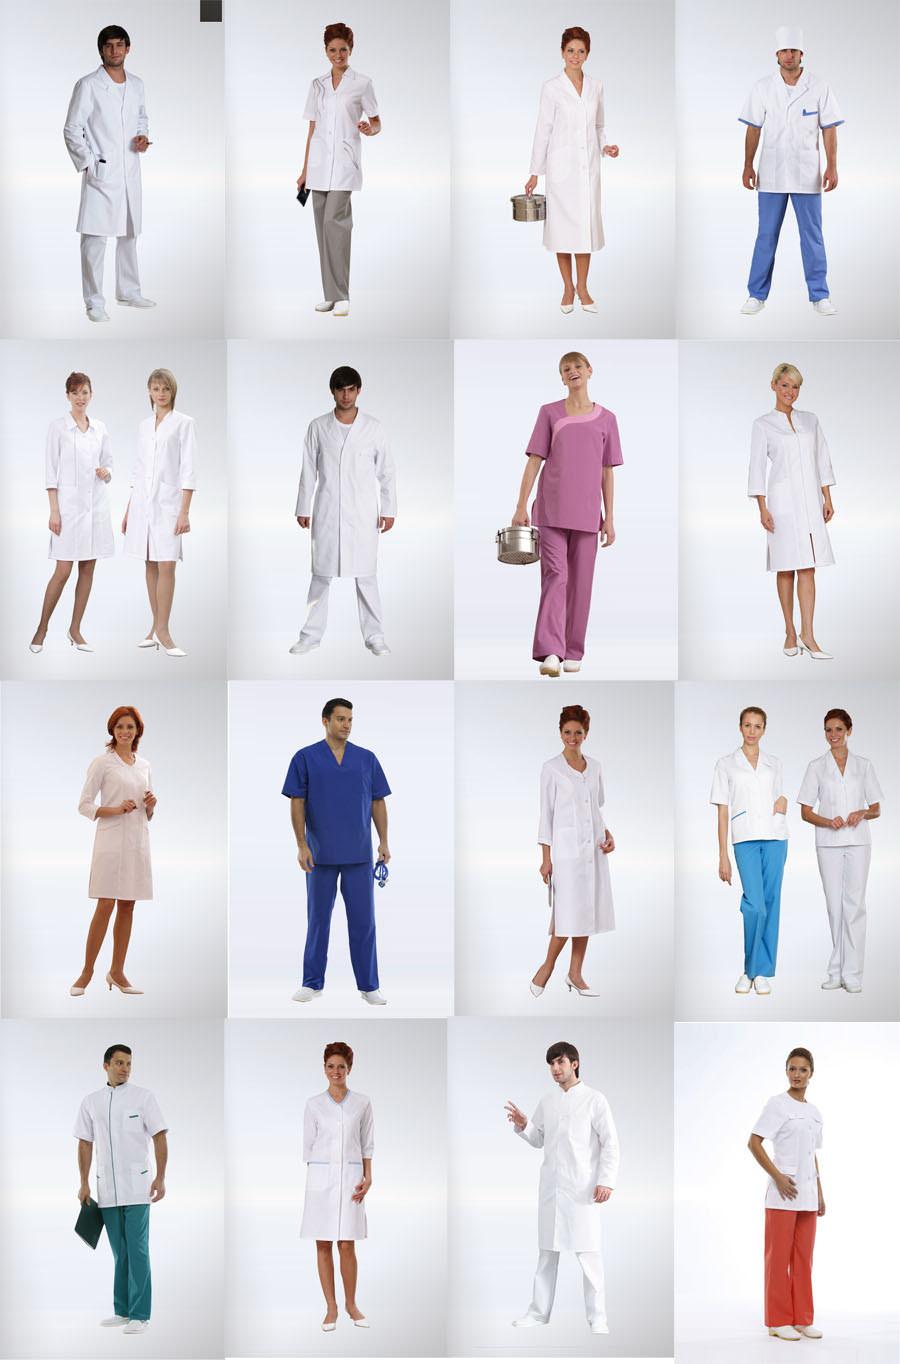 медсестра в халате вид с низу эро фото